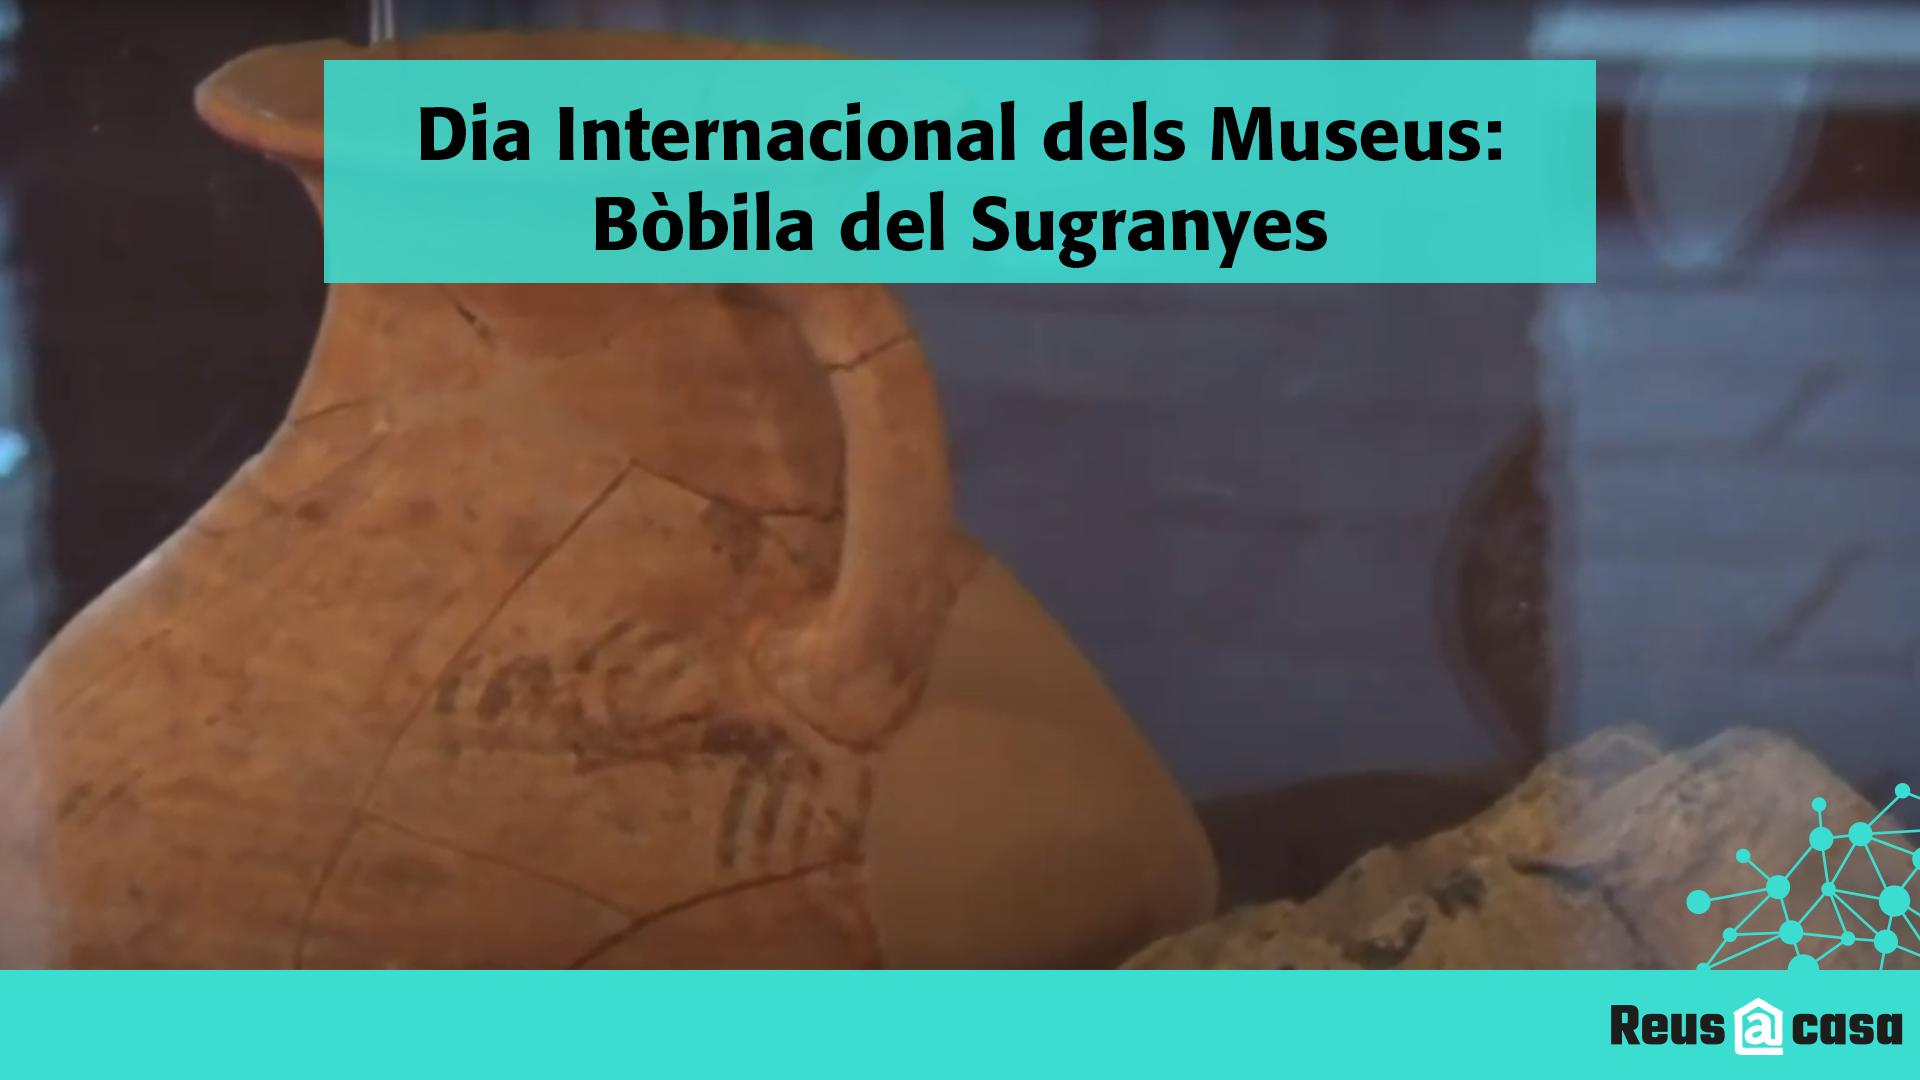 Dia Internacional dels Museus: Bòbila del Sugranyes